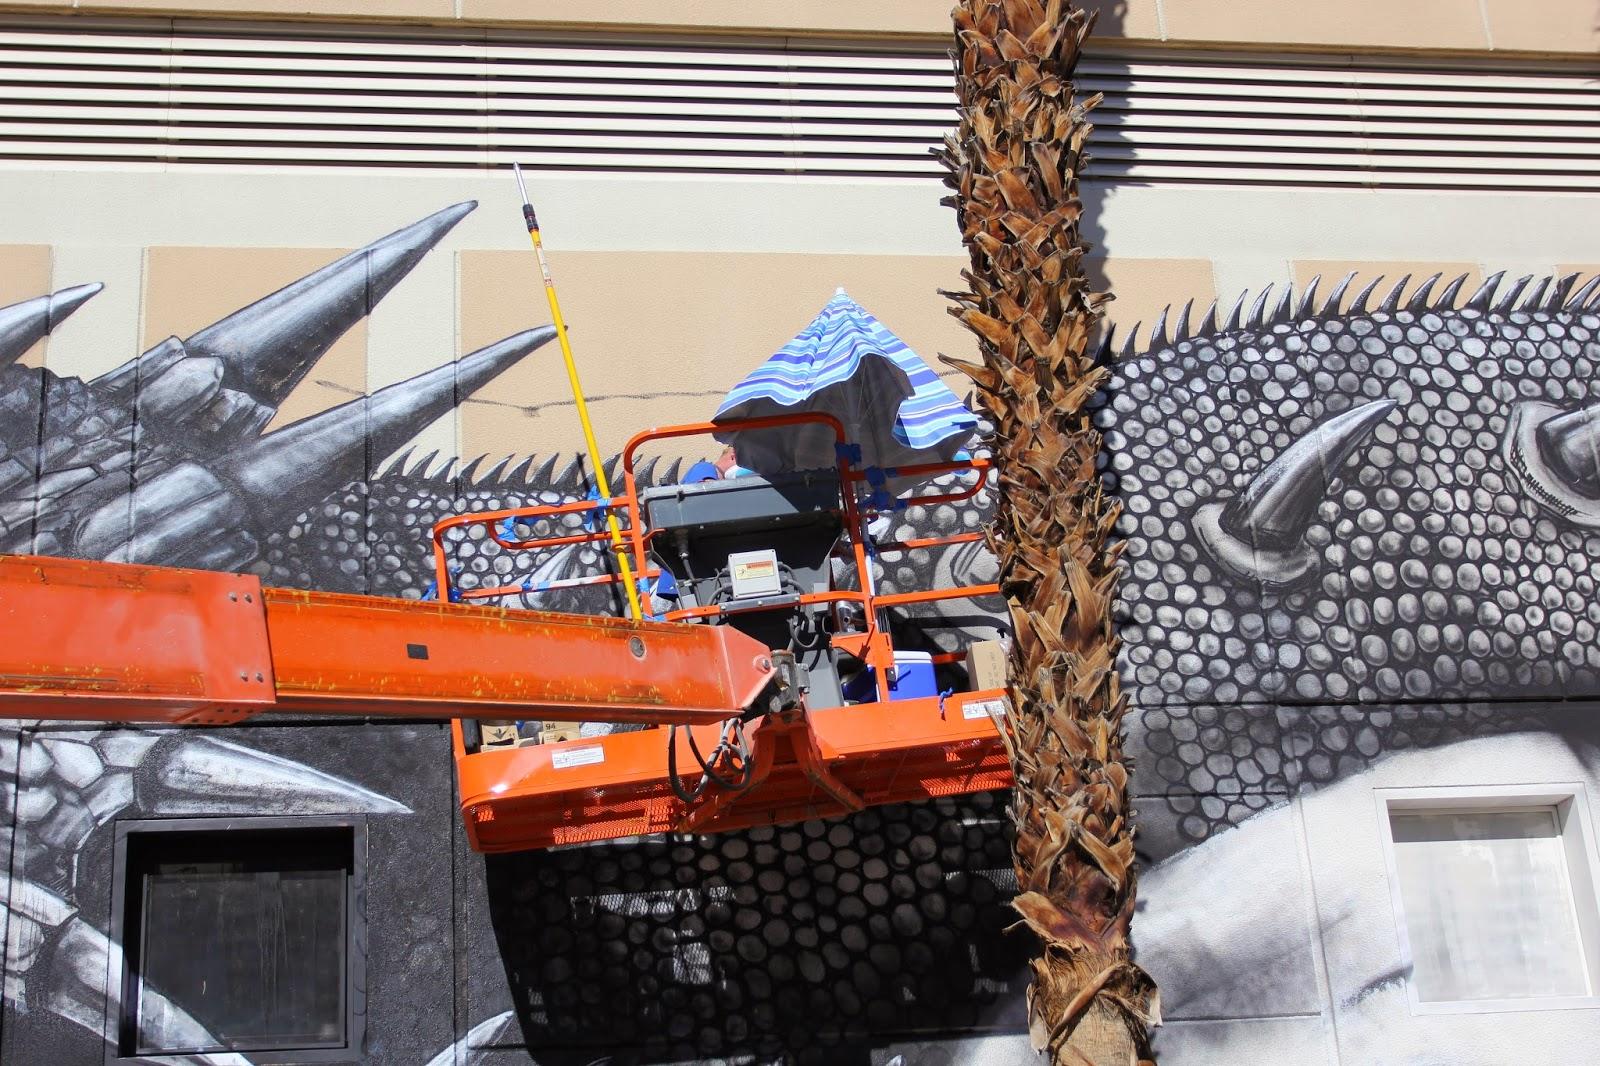 roa-new-mural-in-las-vegas-03